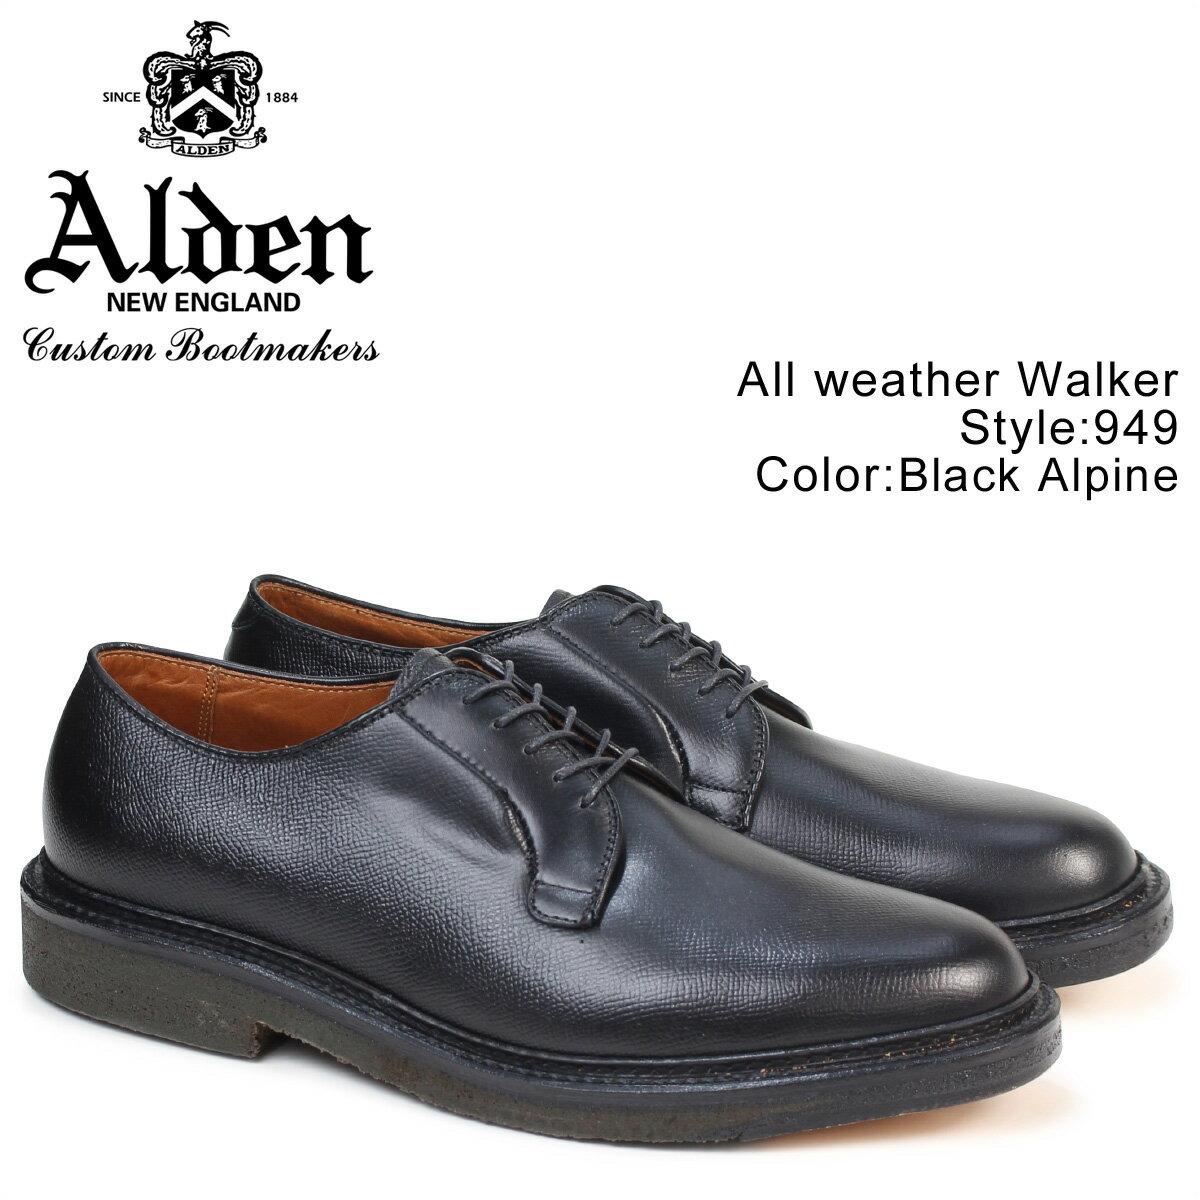 ALDEN オールデン シューズ メンズ ALL WEATHER WALKER Dワイズ 949 [12/1 再入荷]